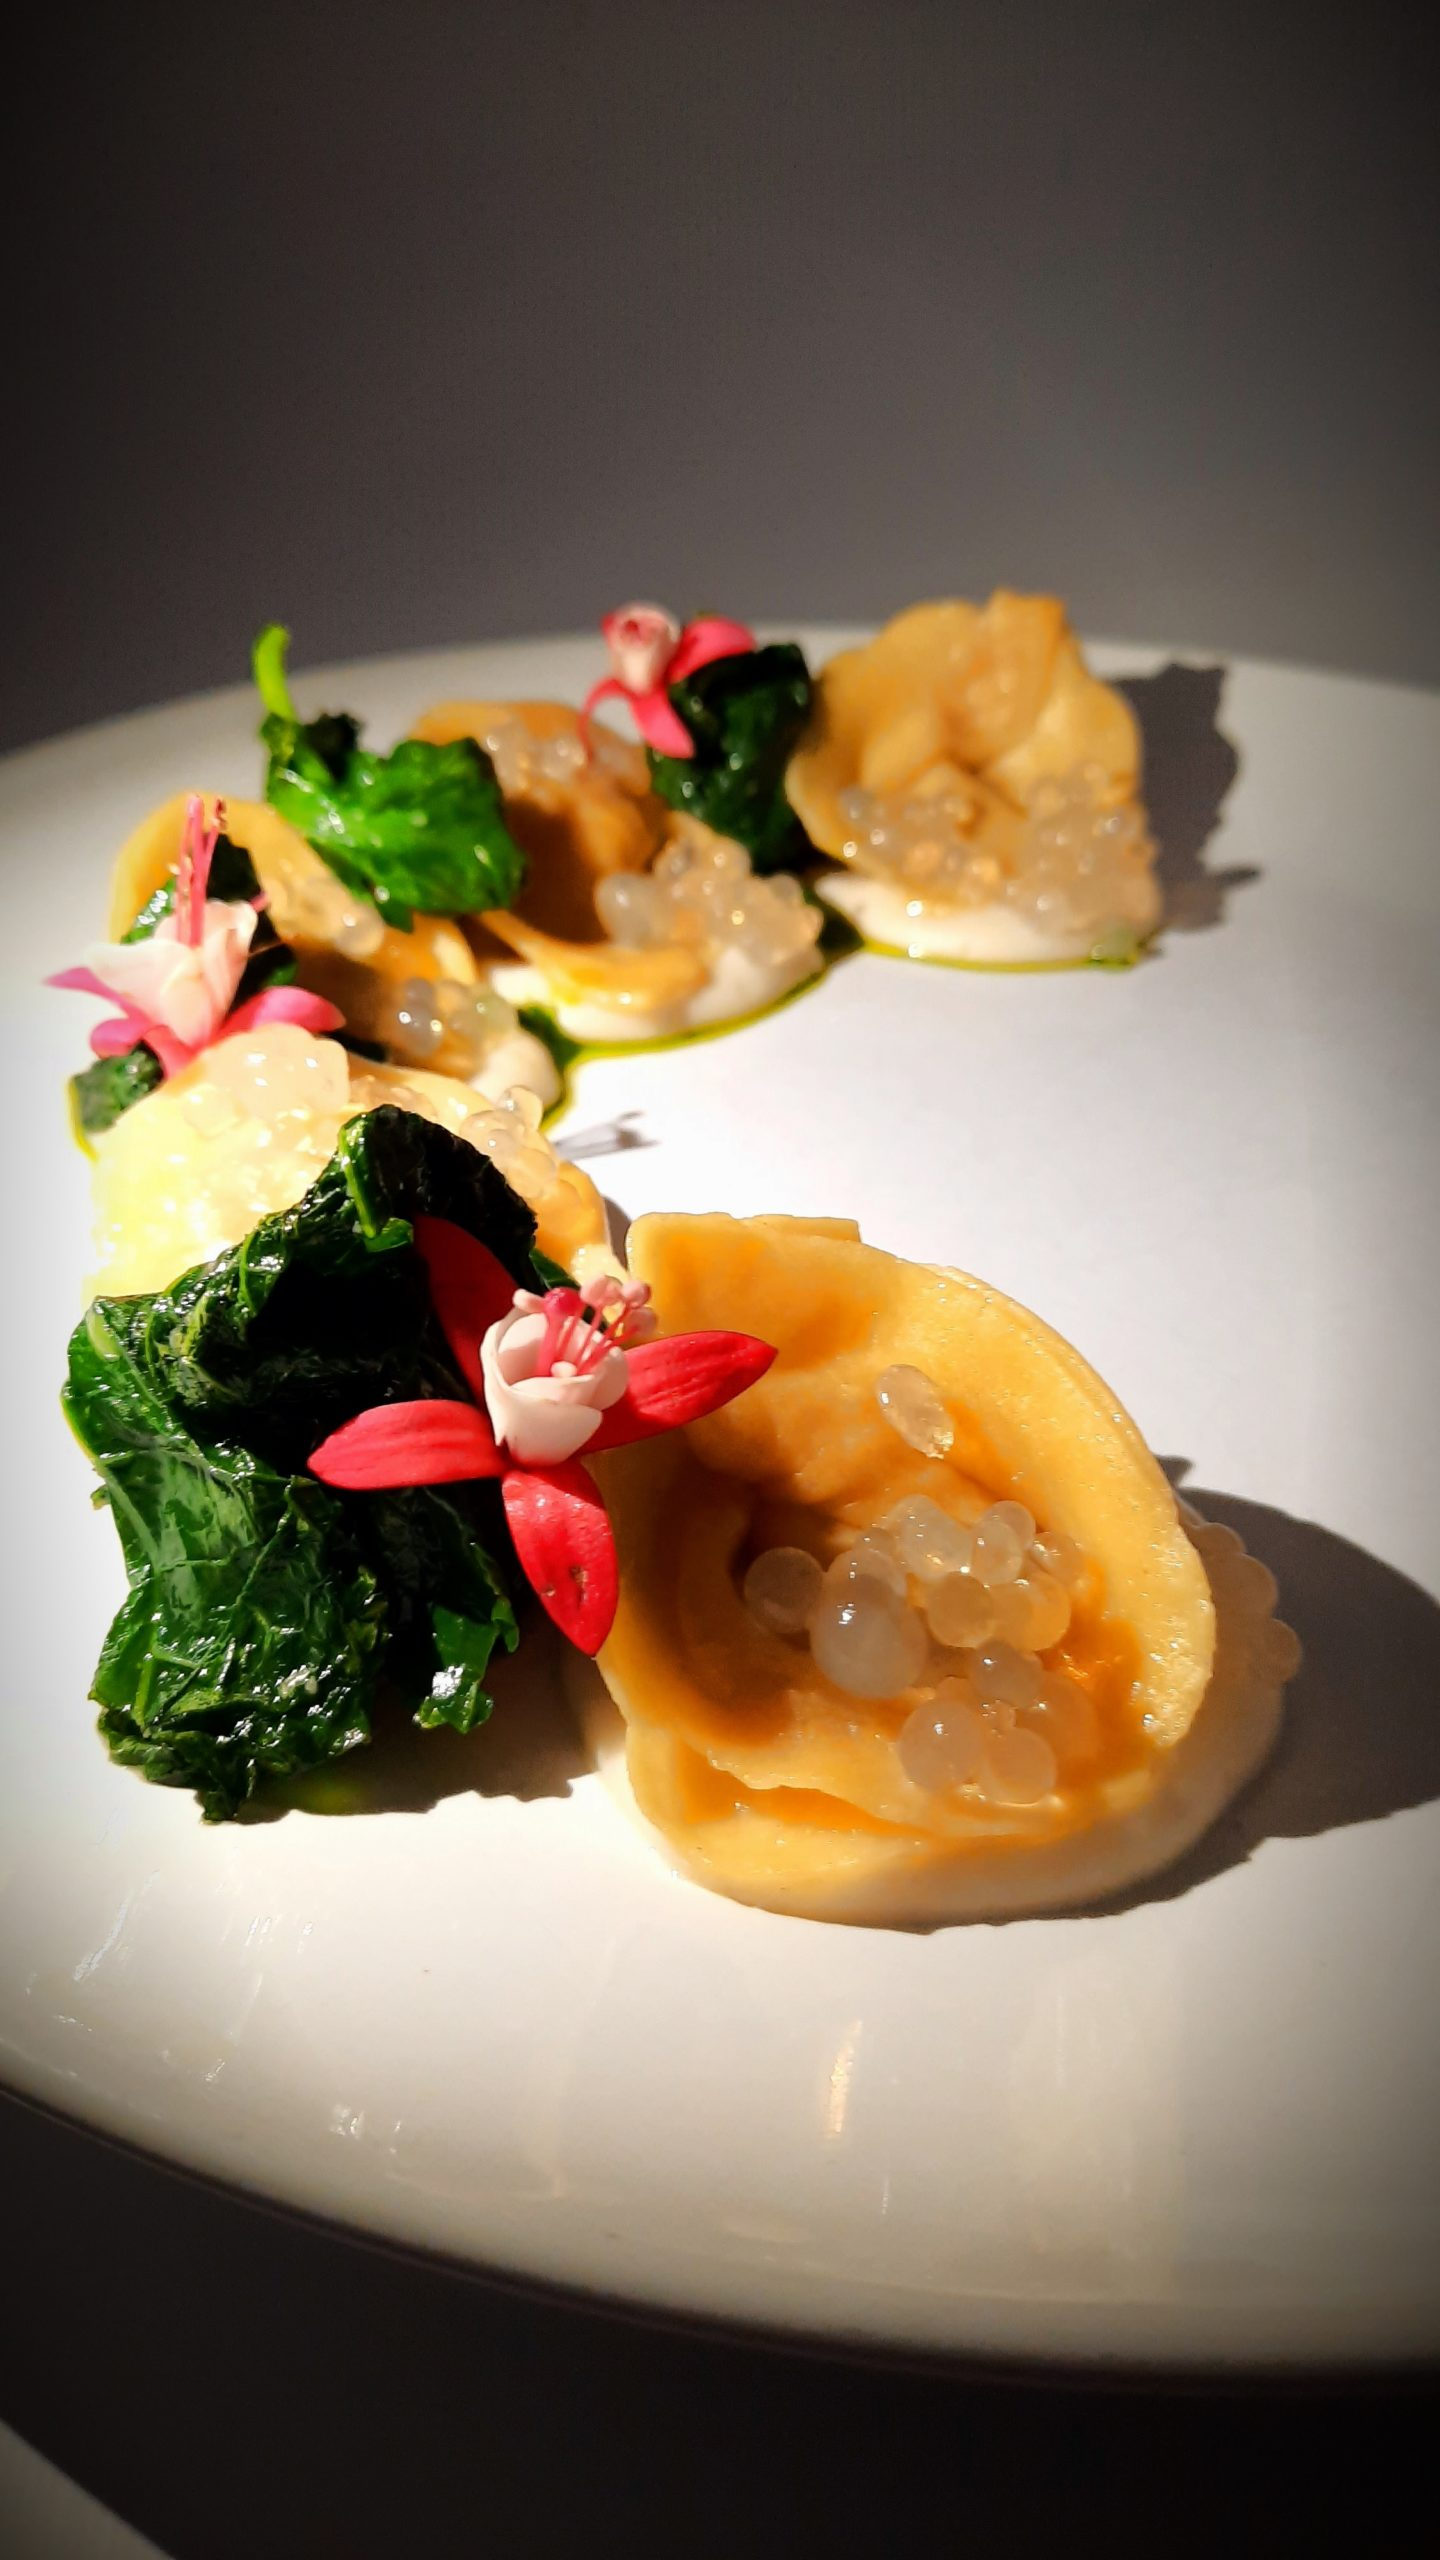 Tortelli ripieni di Asiago Dop e cipolla caramellata, con salsa all'Asiago e friariello campano in tre consistenze